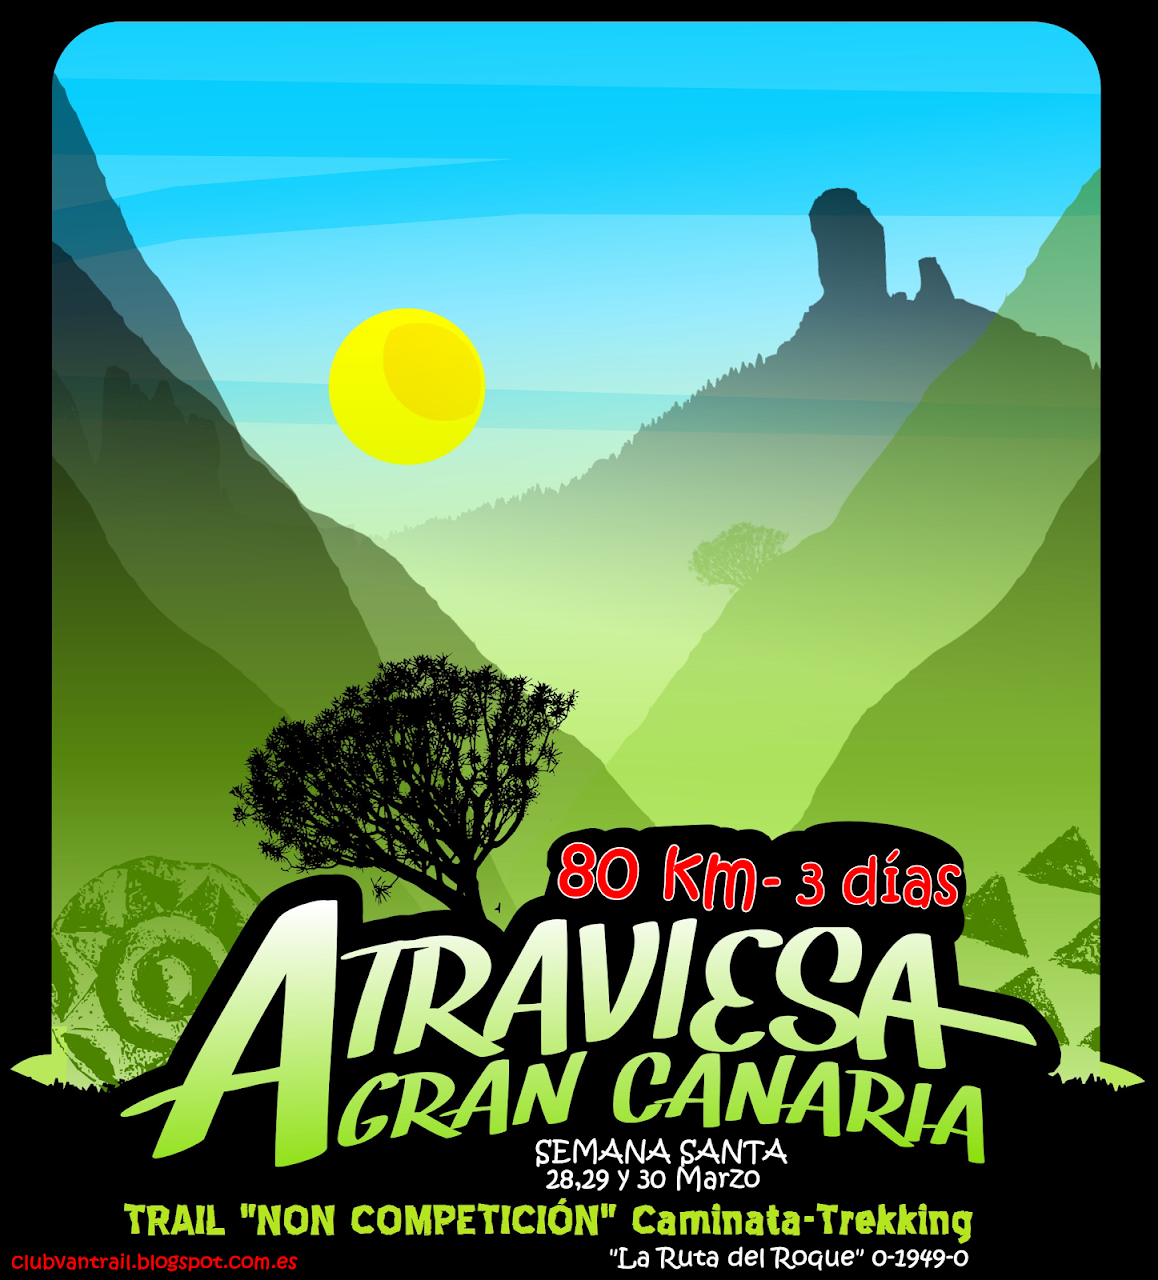 A-TRAVIESA GRAN CANARIA